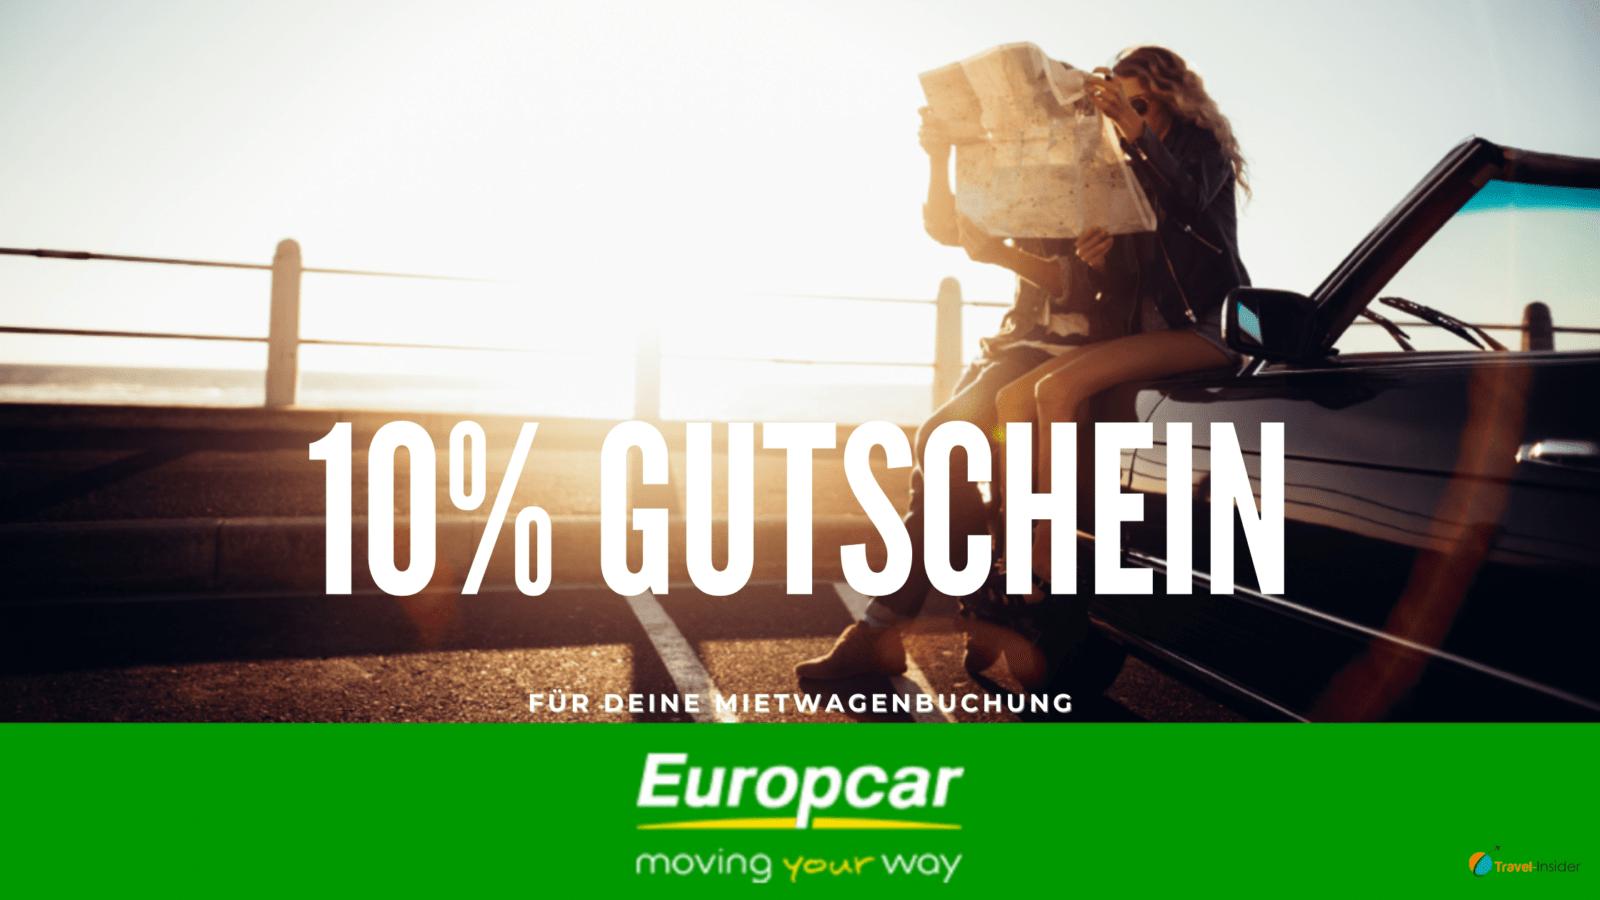 10% Europcar Gutschein im Juni